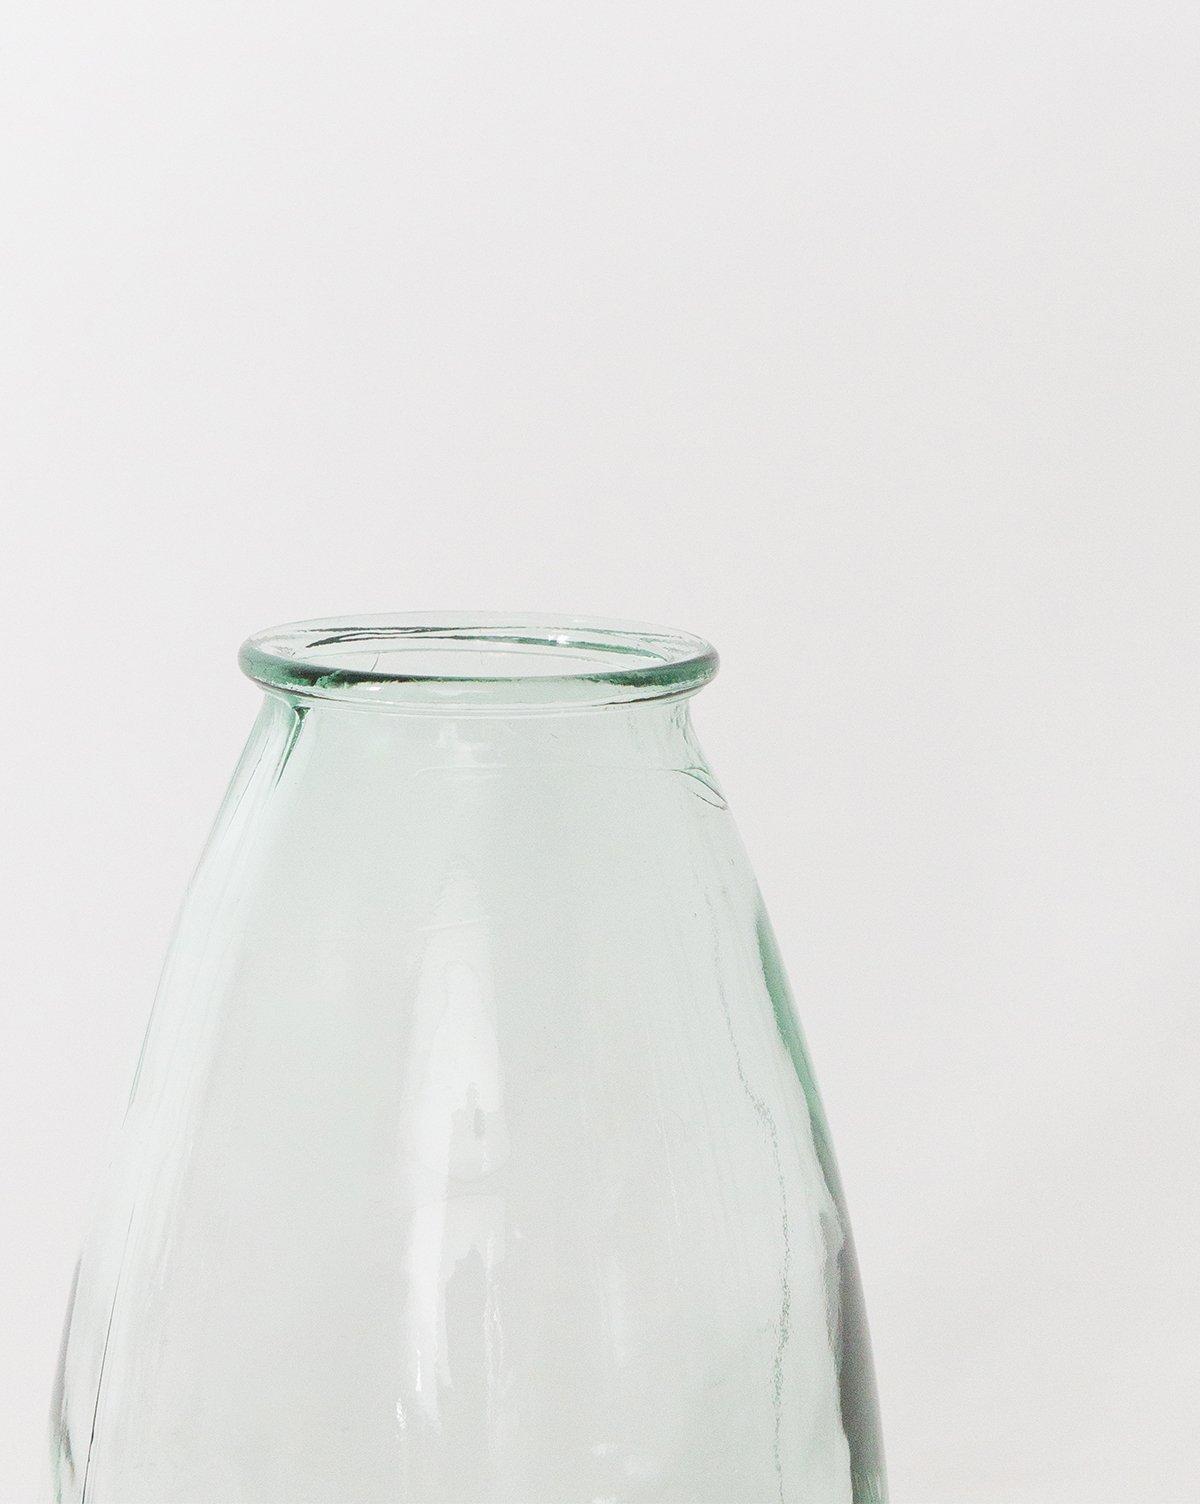 glass_rimmed_vase1.jpg